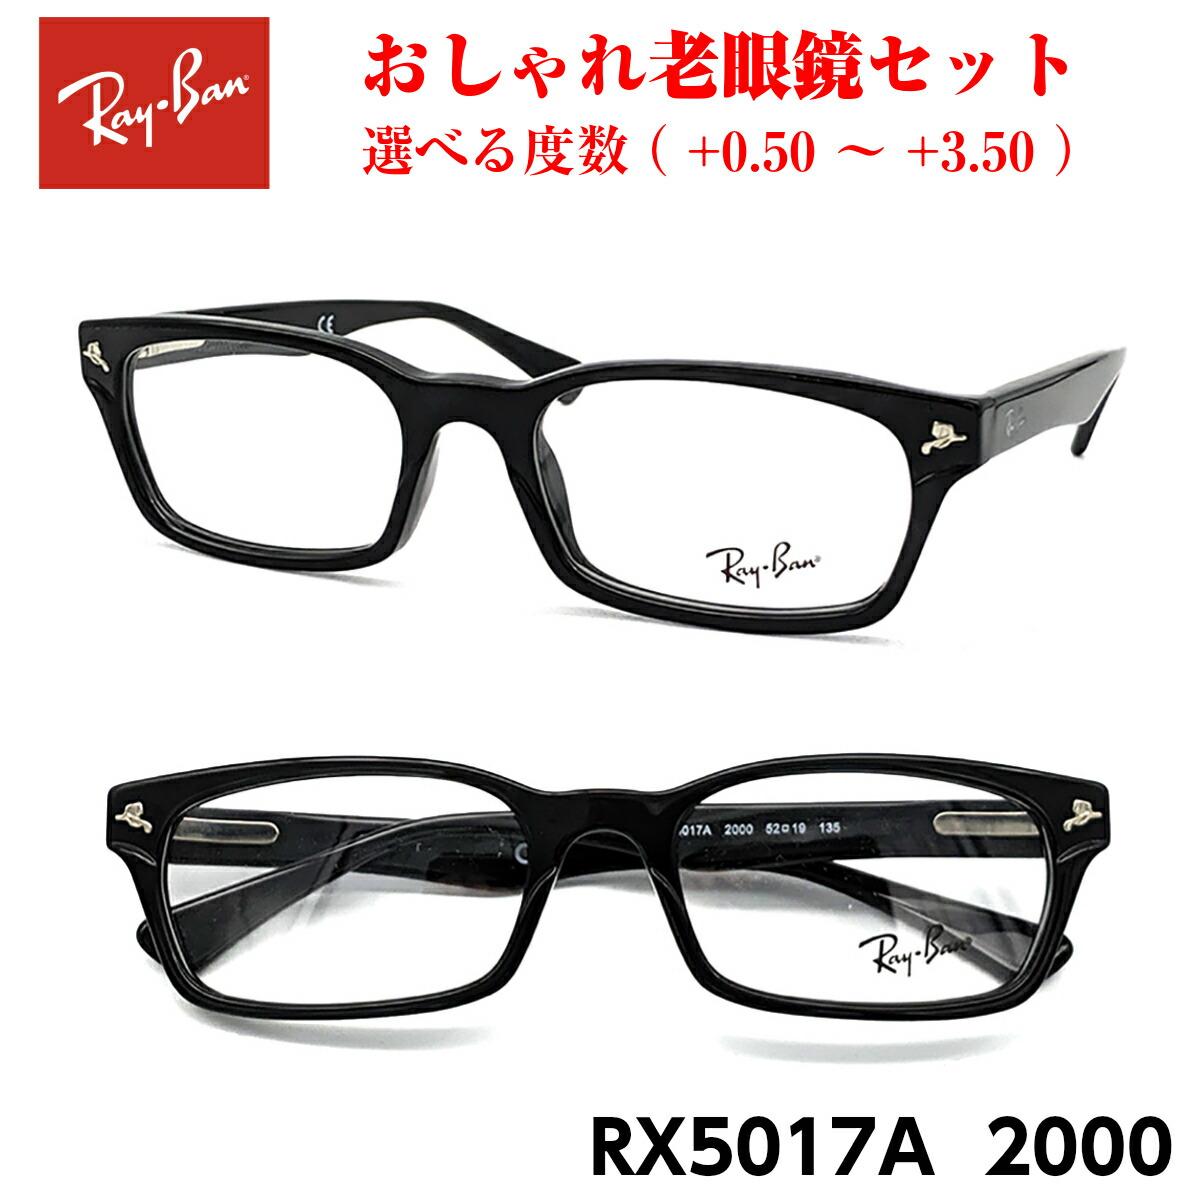 母の日 父の日 おしゃれ 老眼鏡 メンズ レディース 男性用 女性用 RayBan レイバン RX5017A (RB5017A) 2000 アジアンフィット 黒縁 黒 めがね 眼鏡 度付き 紫外線 UVカット ブルーライトカット メガネ プレゼント ギフト